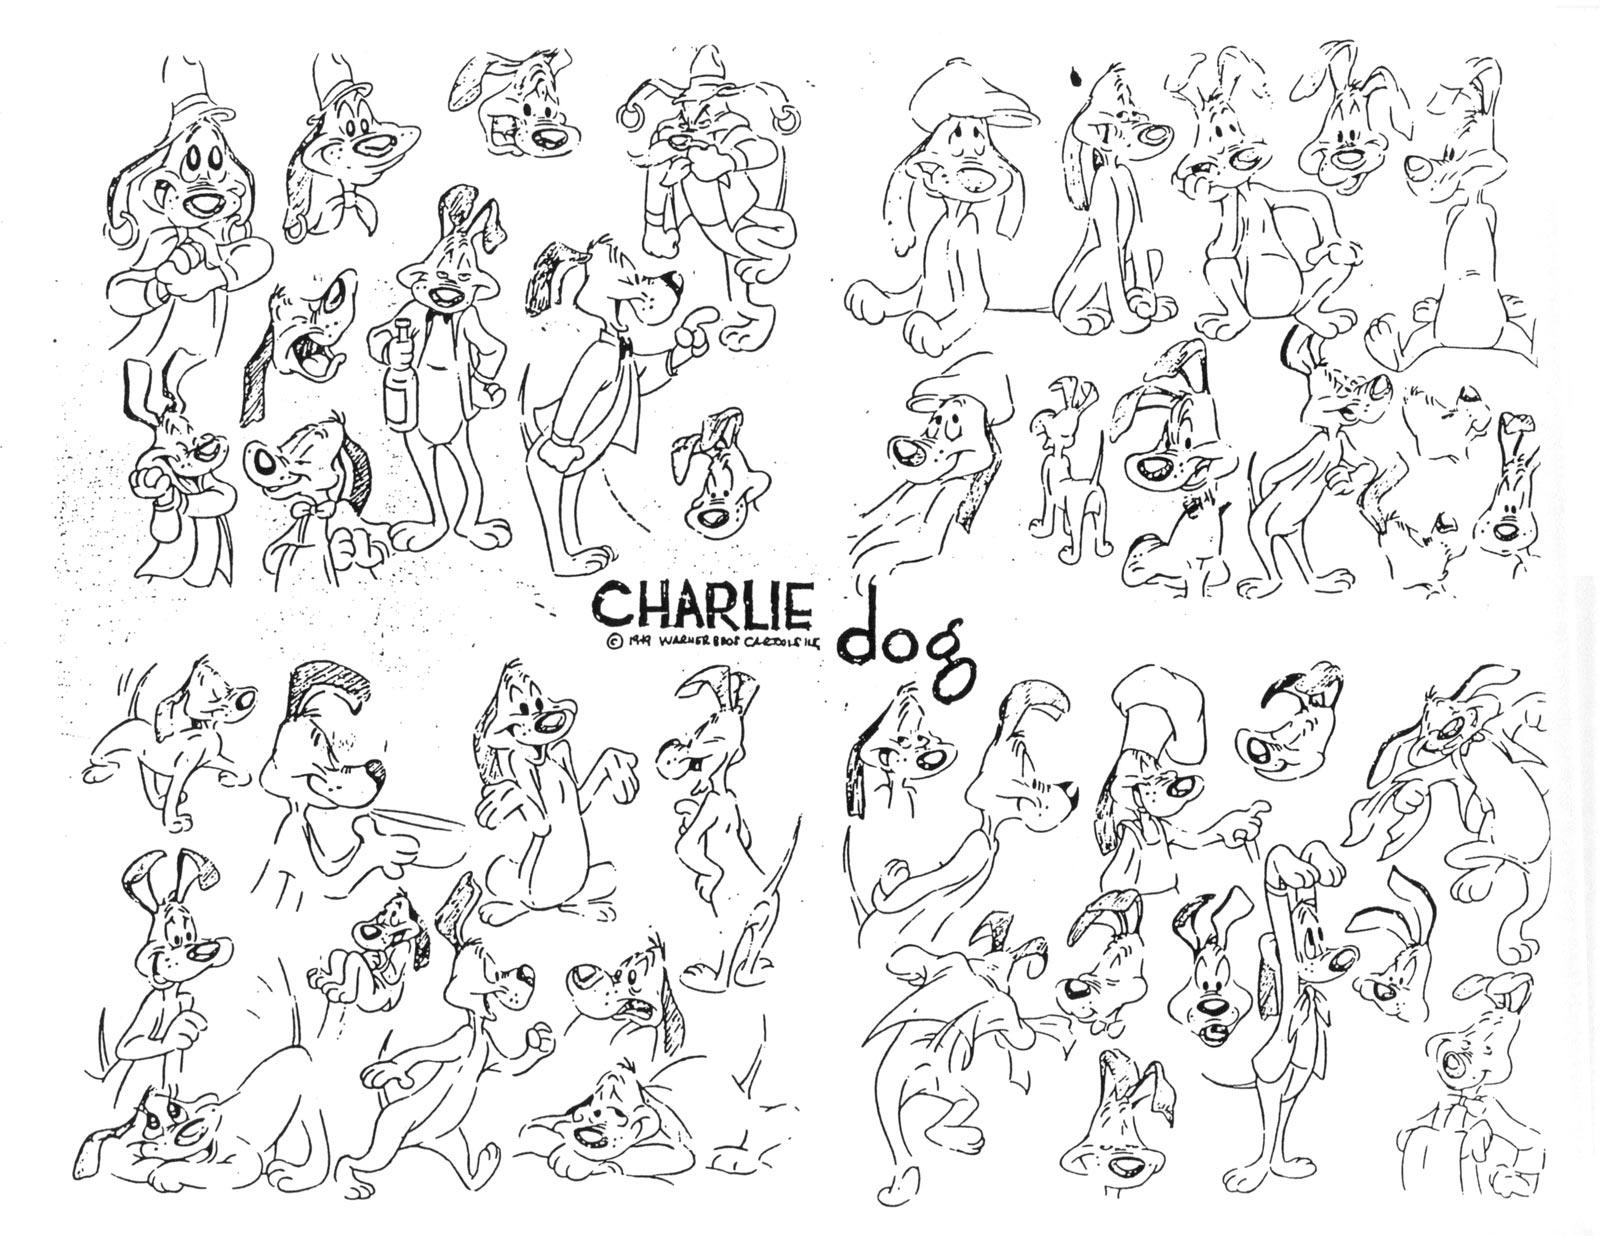 looney_tunes_warner_bros_characters_model_sheet_09.jpg